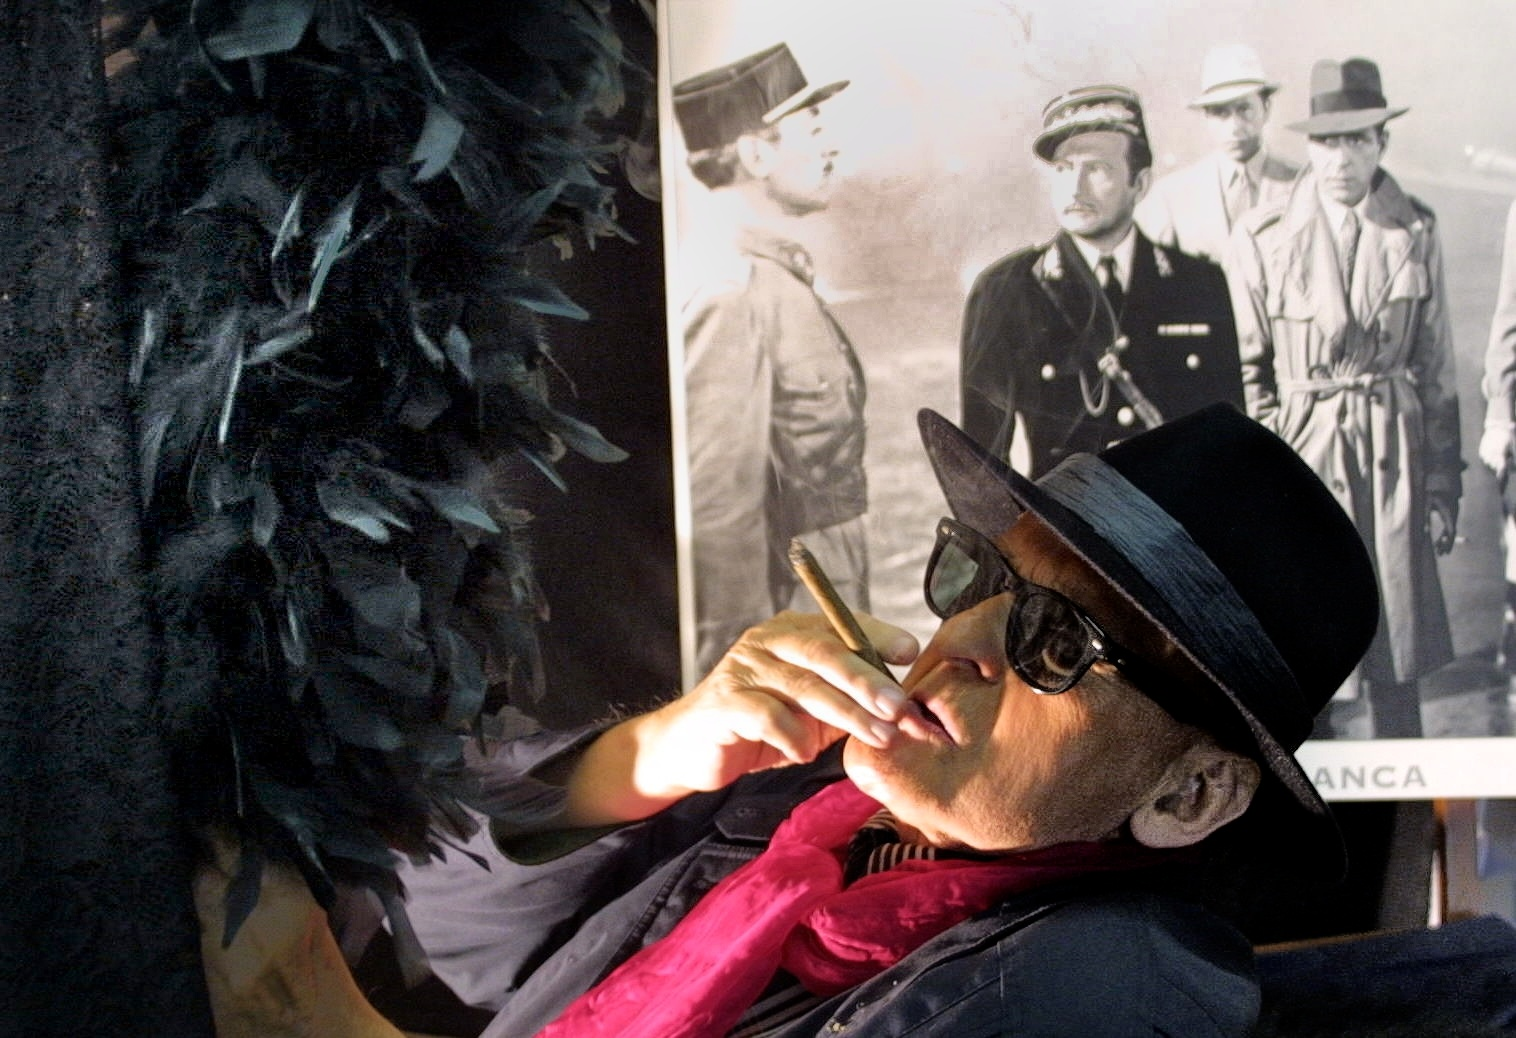 ich wär so gern Al Capone